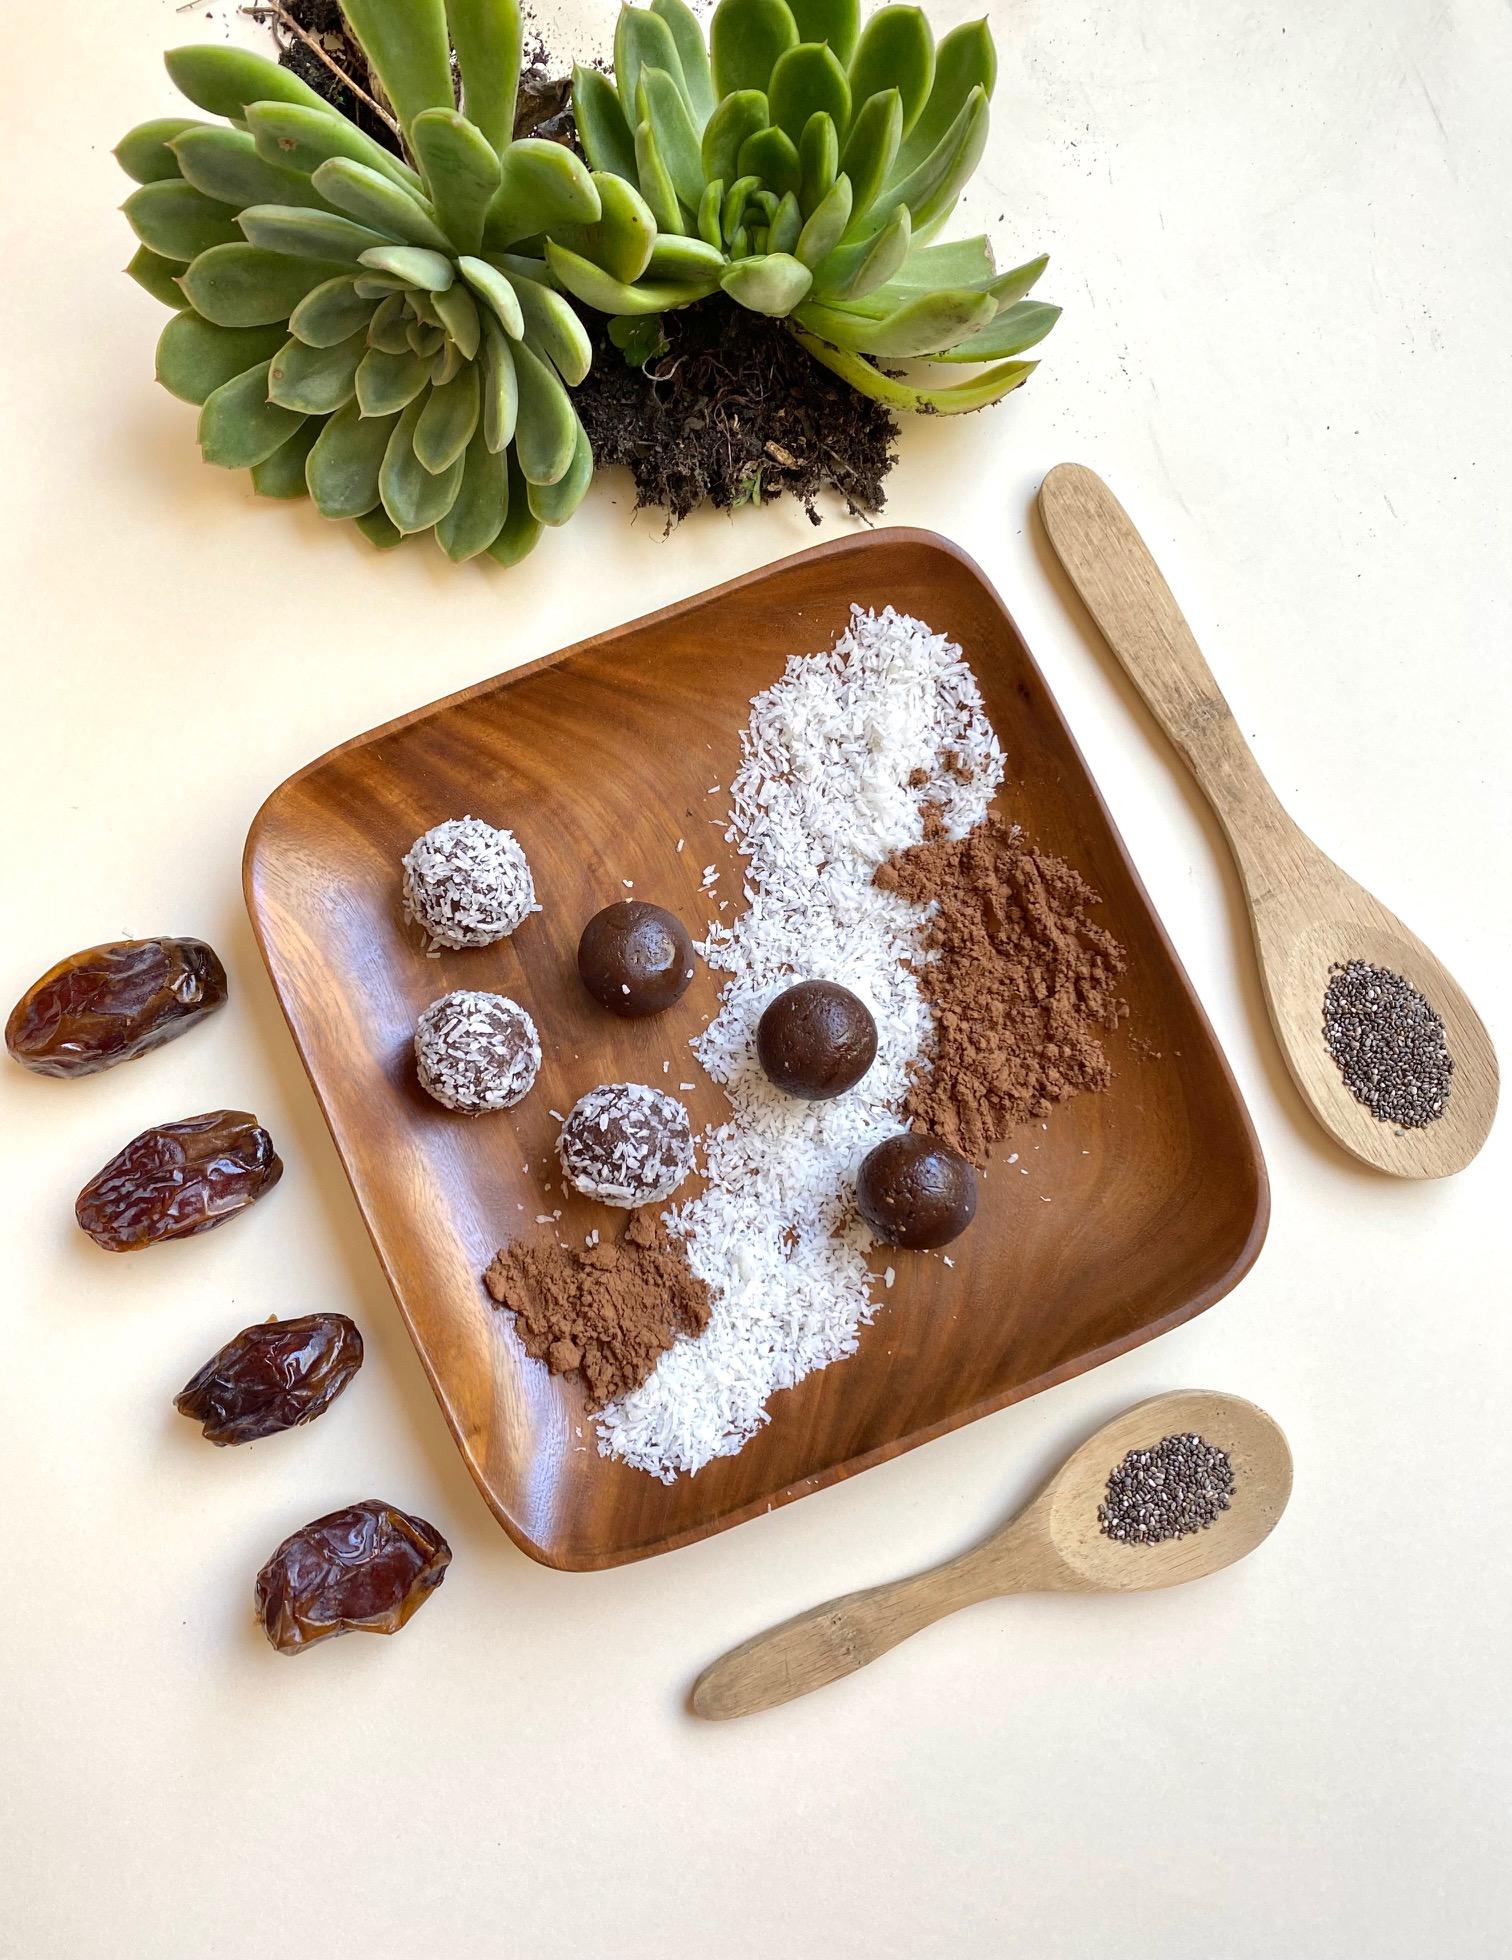 LEVe Brigaderia Natural: base do doce vegano é a tâmara importada de Israel